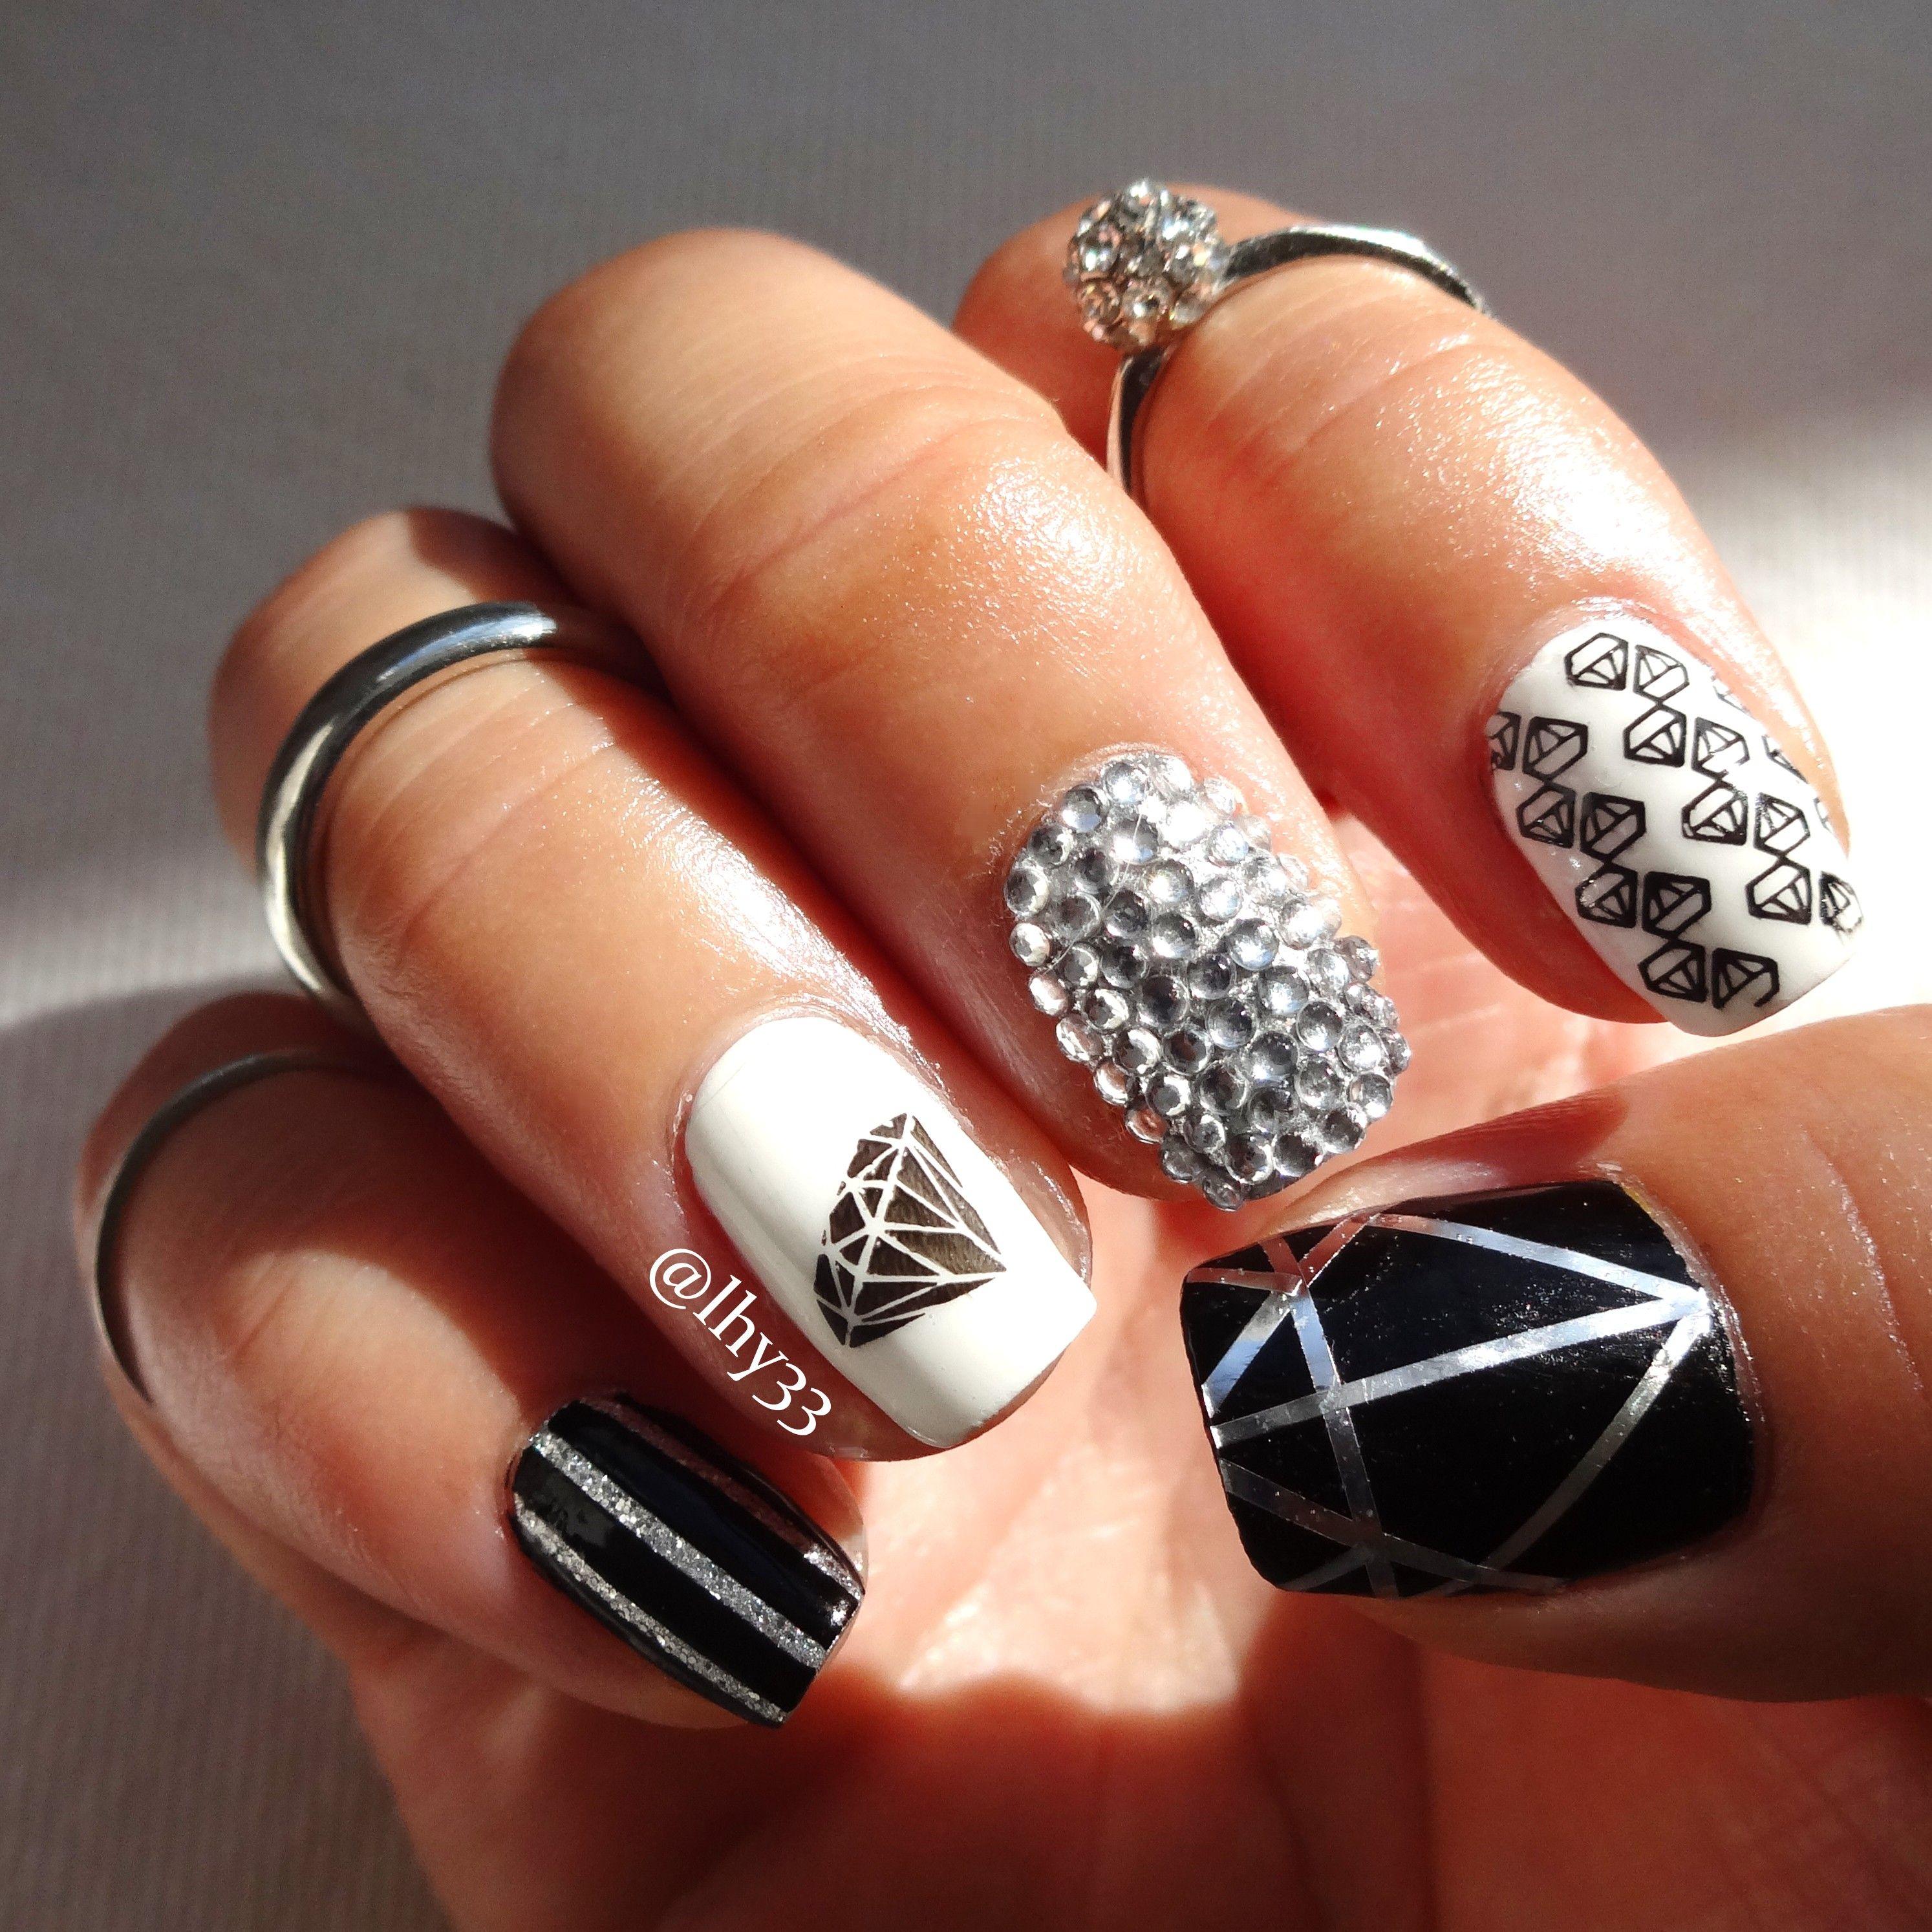 shine bright diamond lacquered